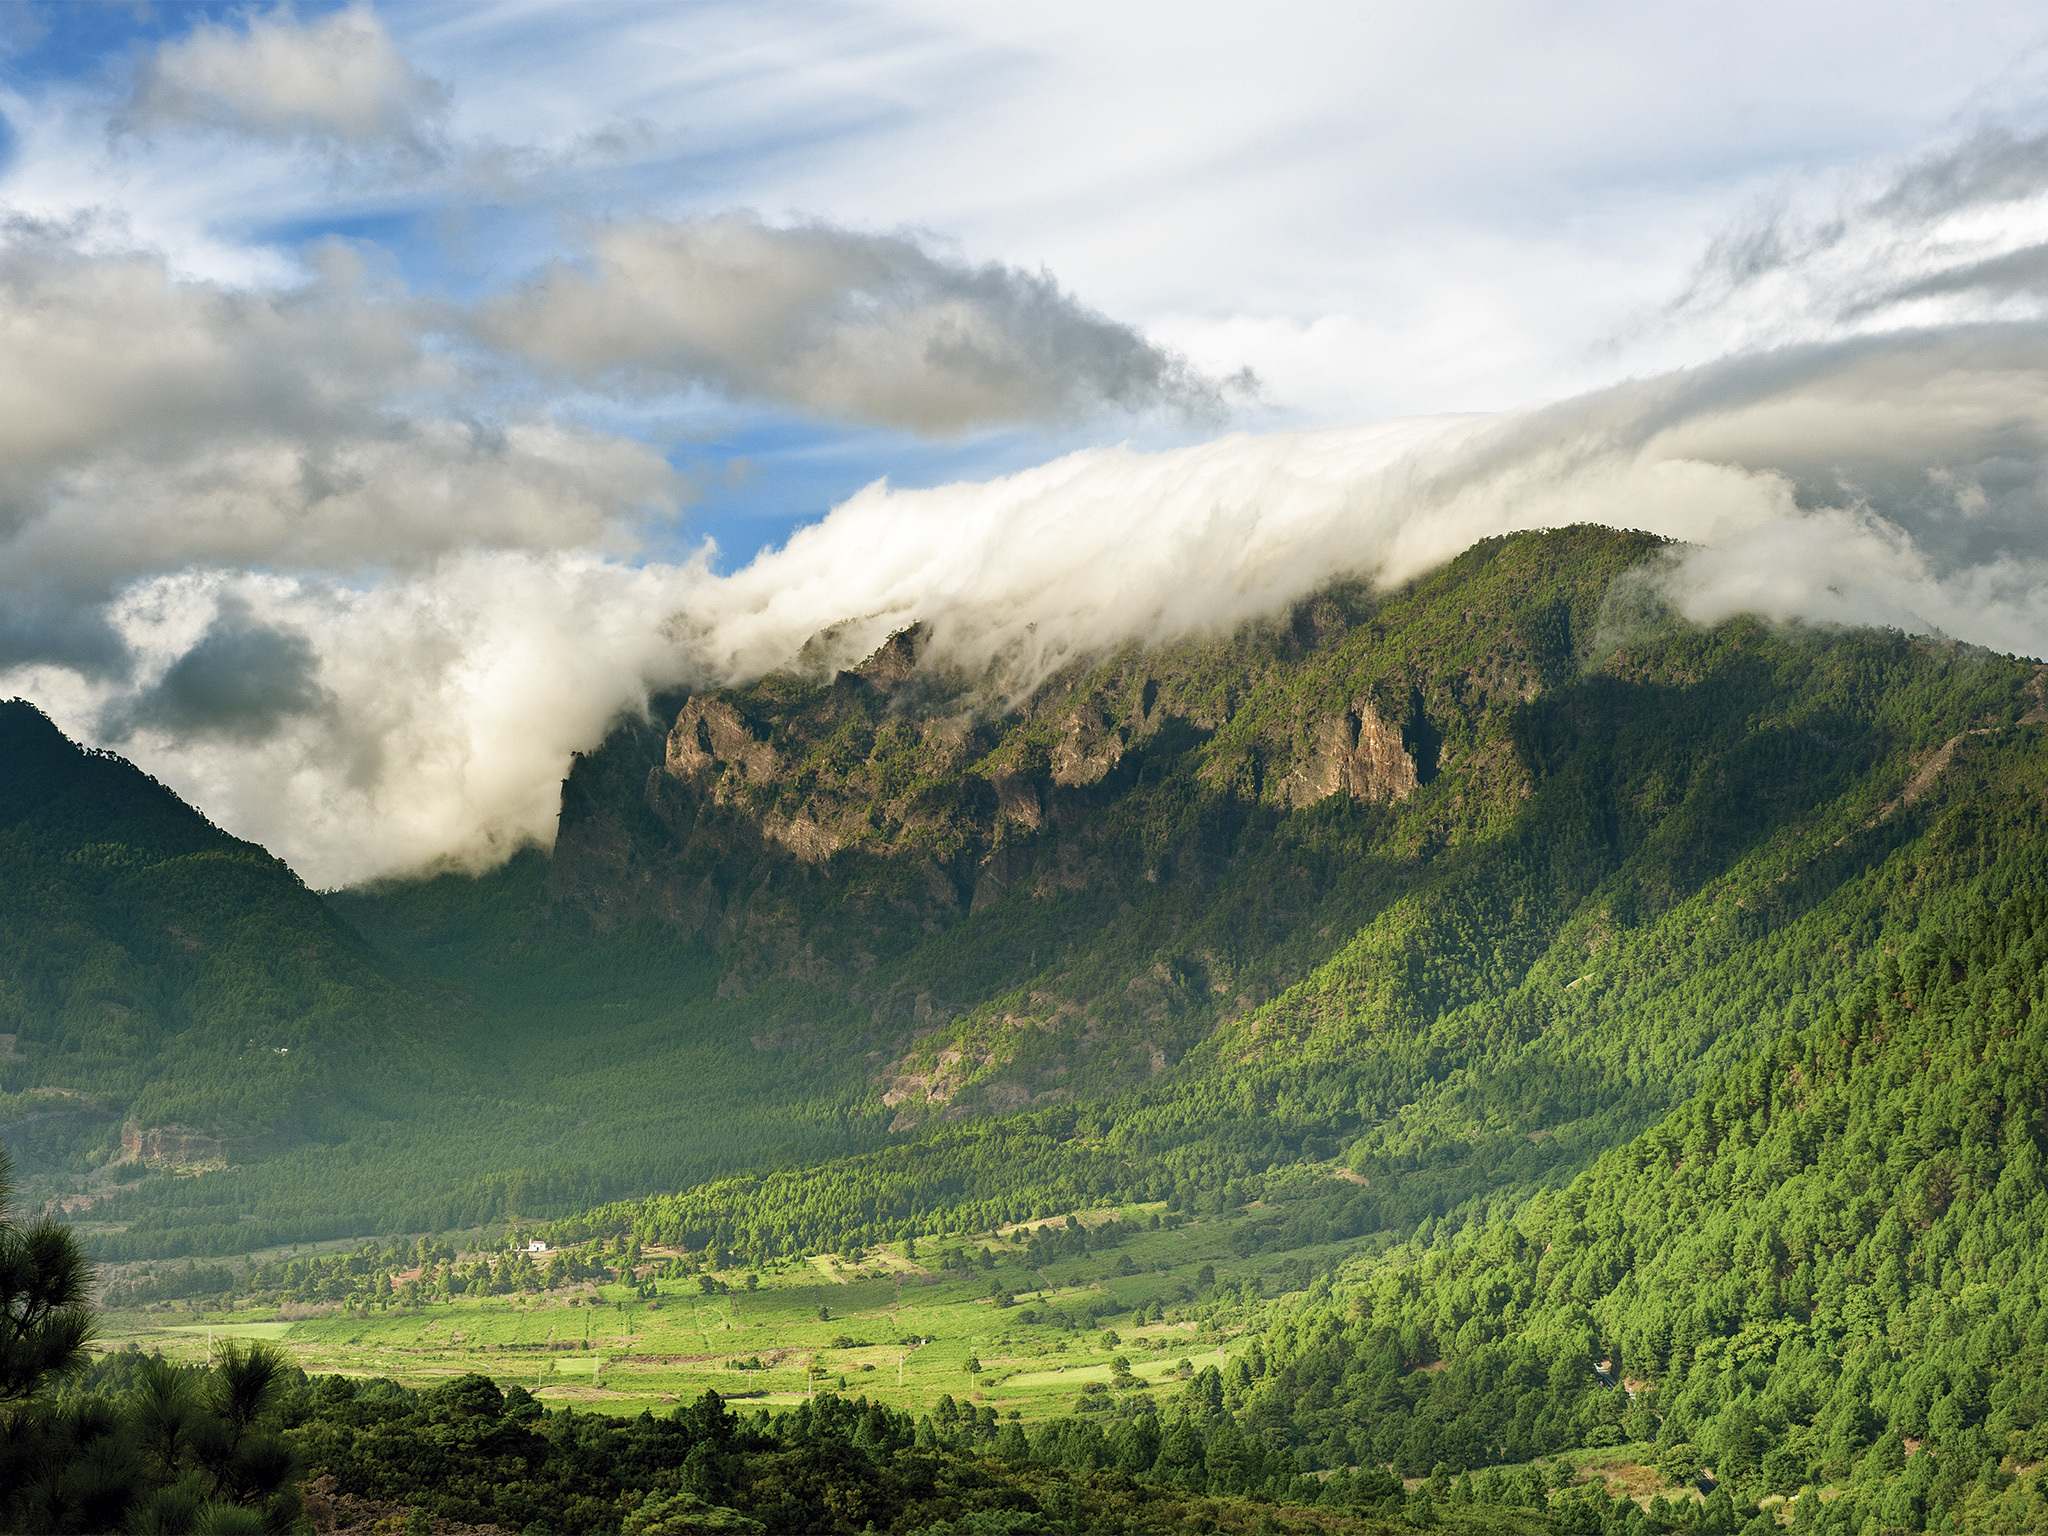 La Palma, Santa Cruz de Tenerife, Canàries.